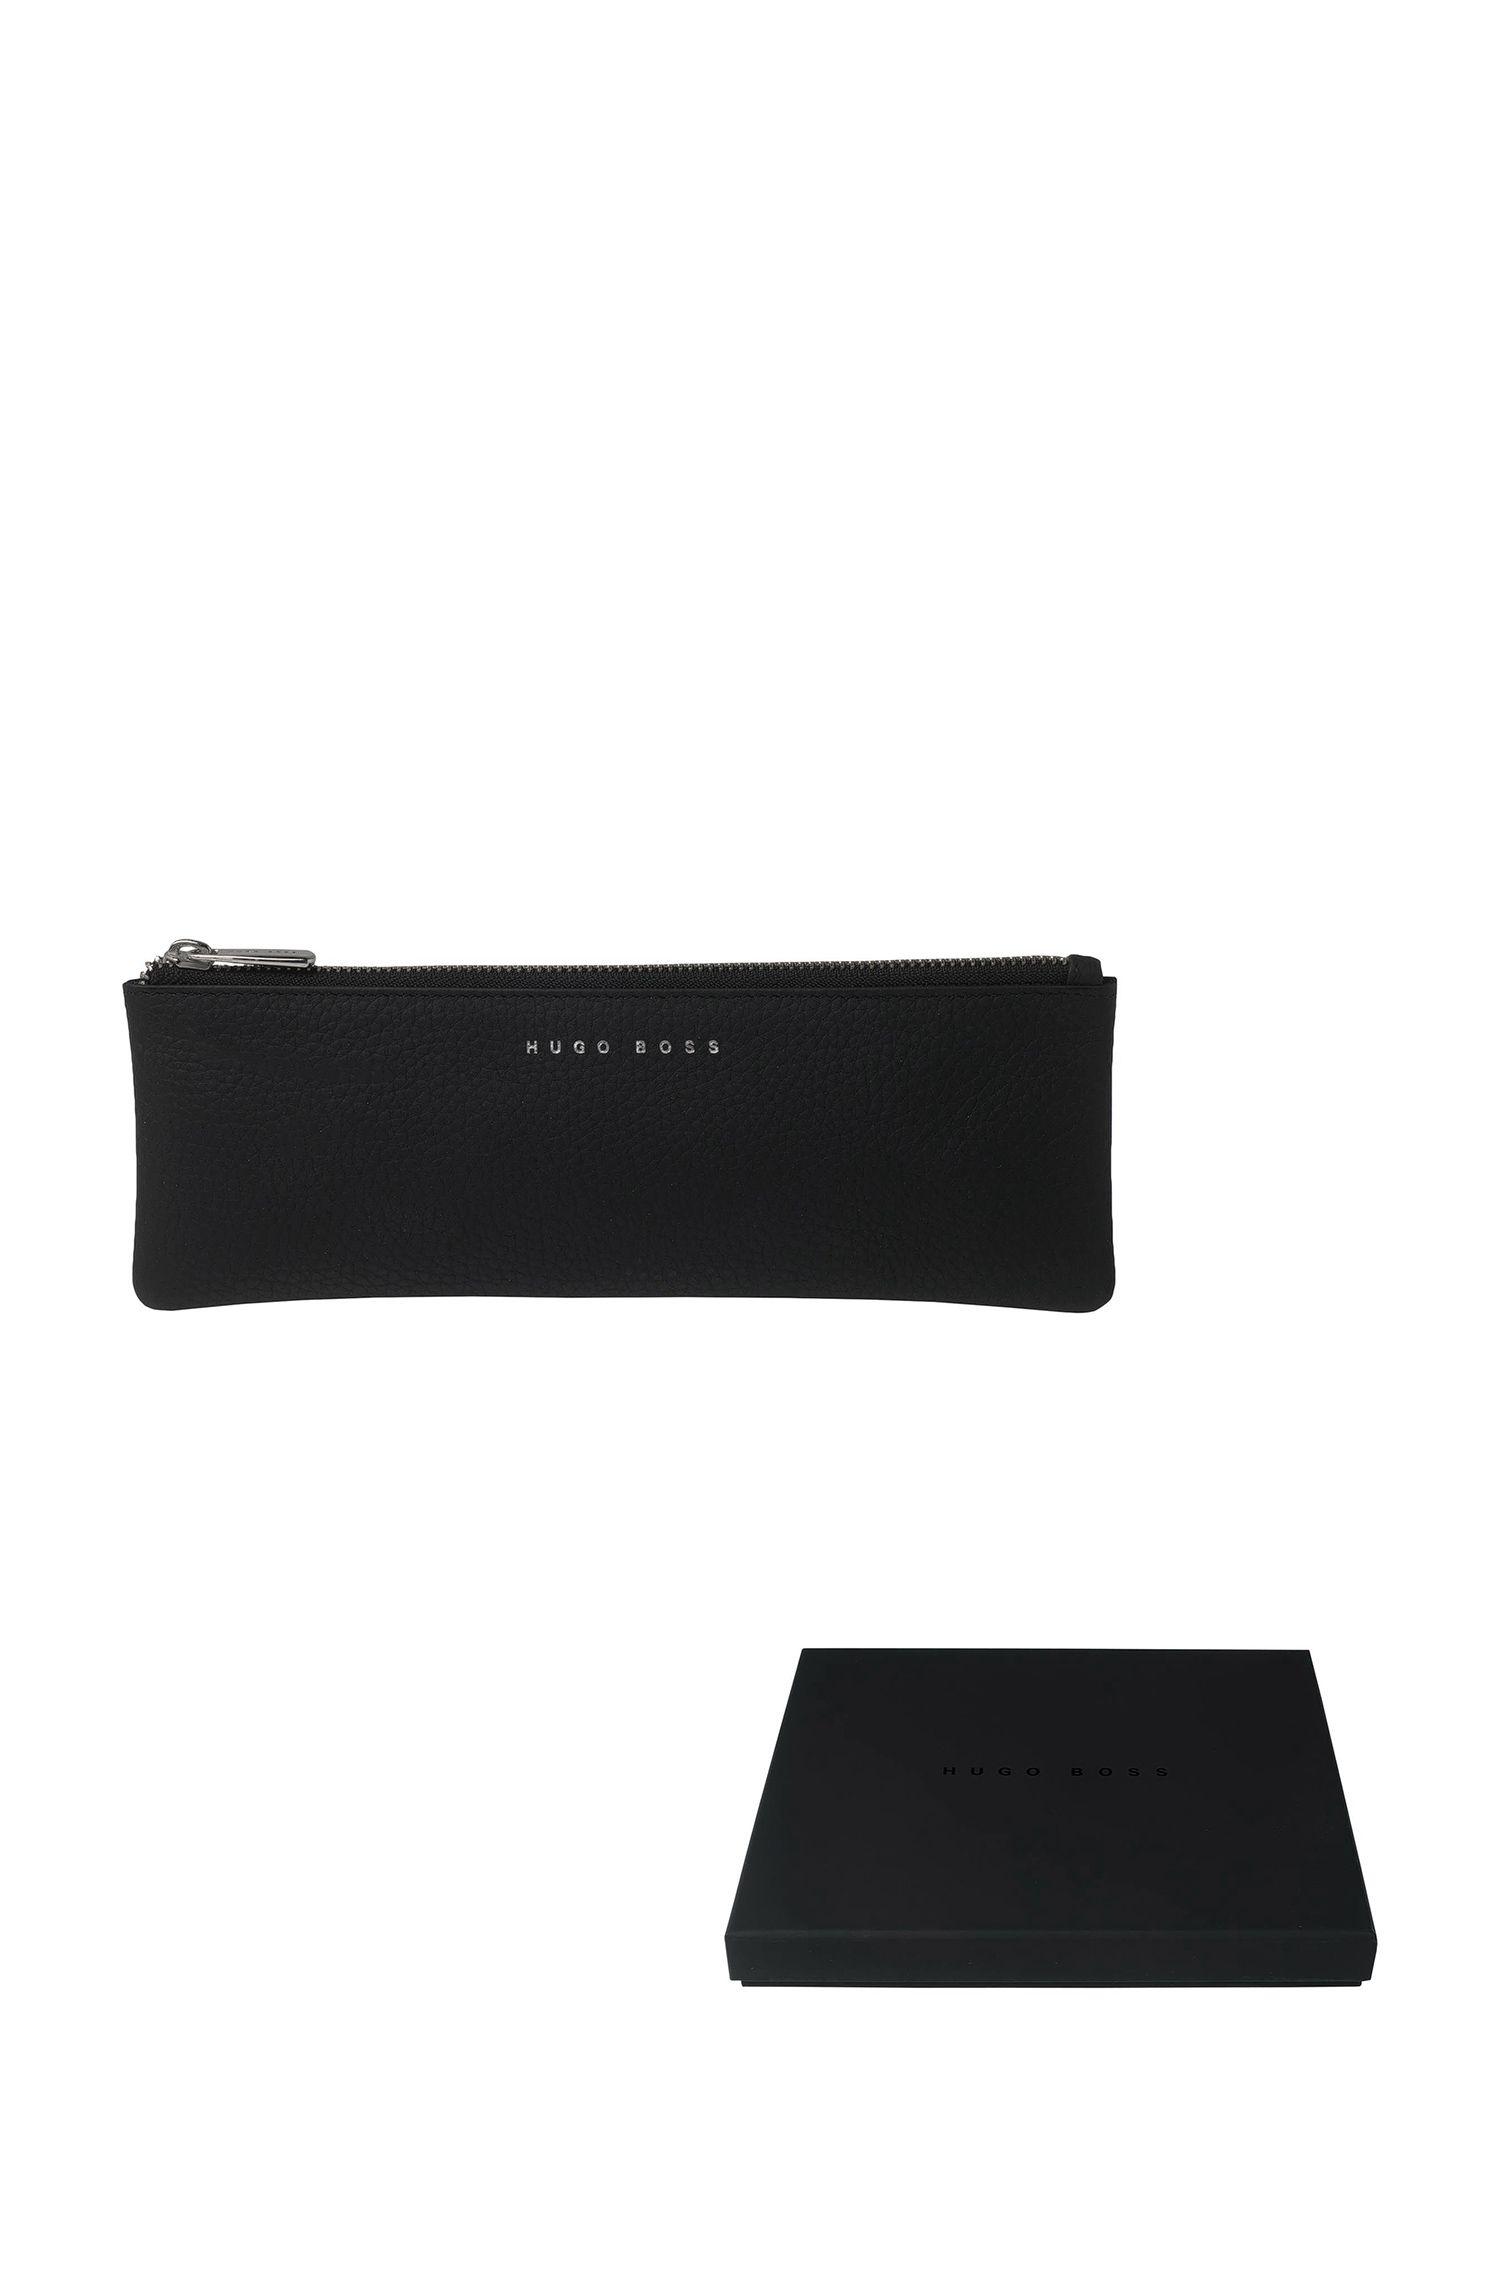 Trousse en cuir noir avec partie supérieure zippée